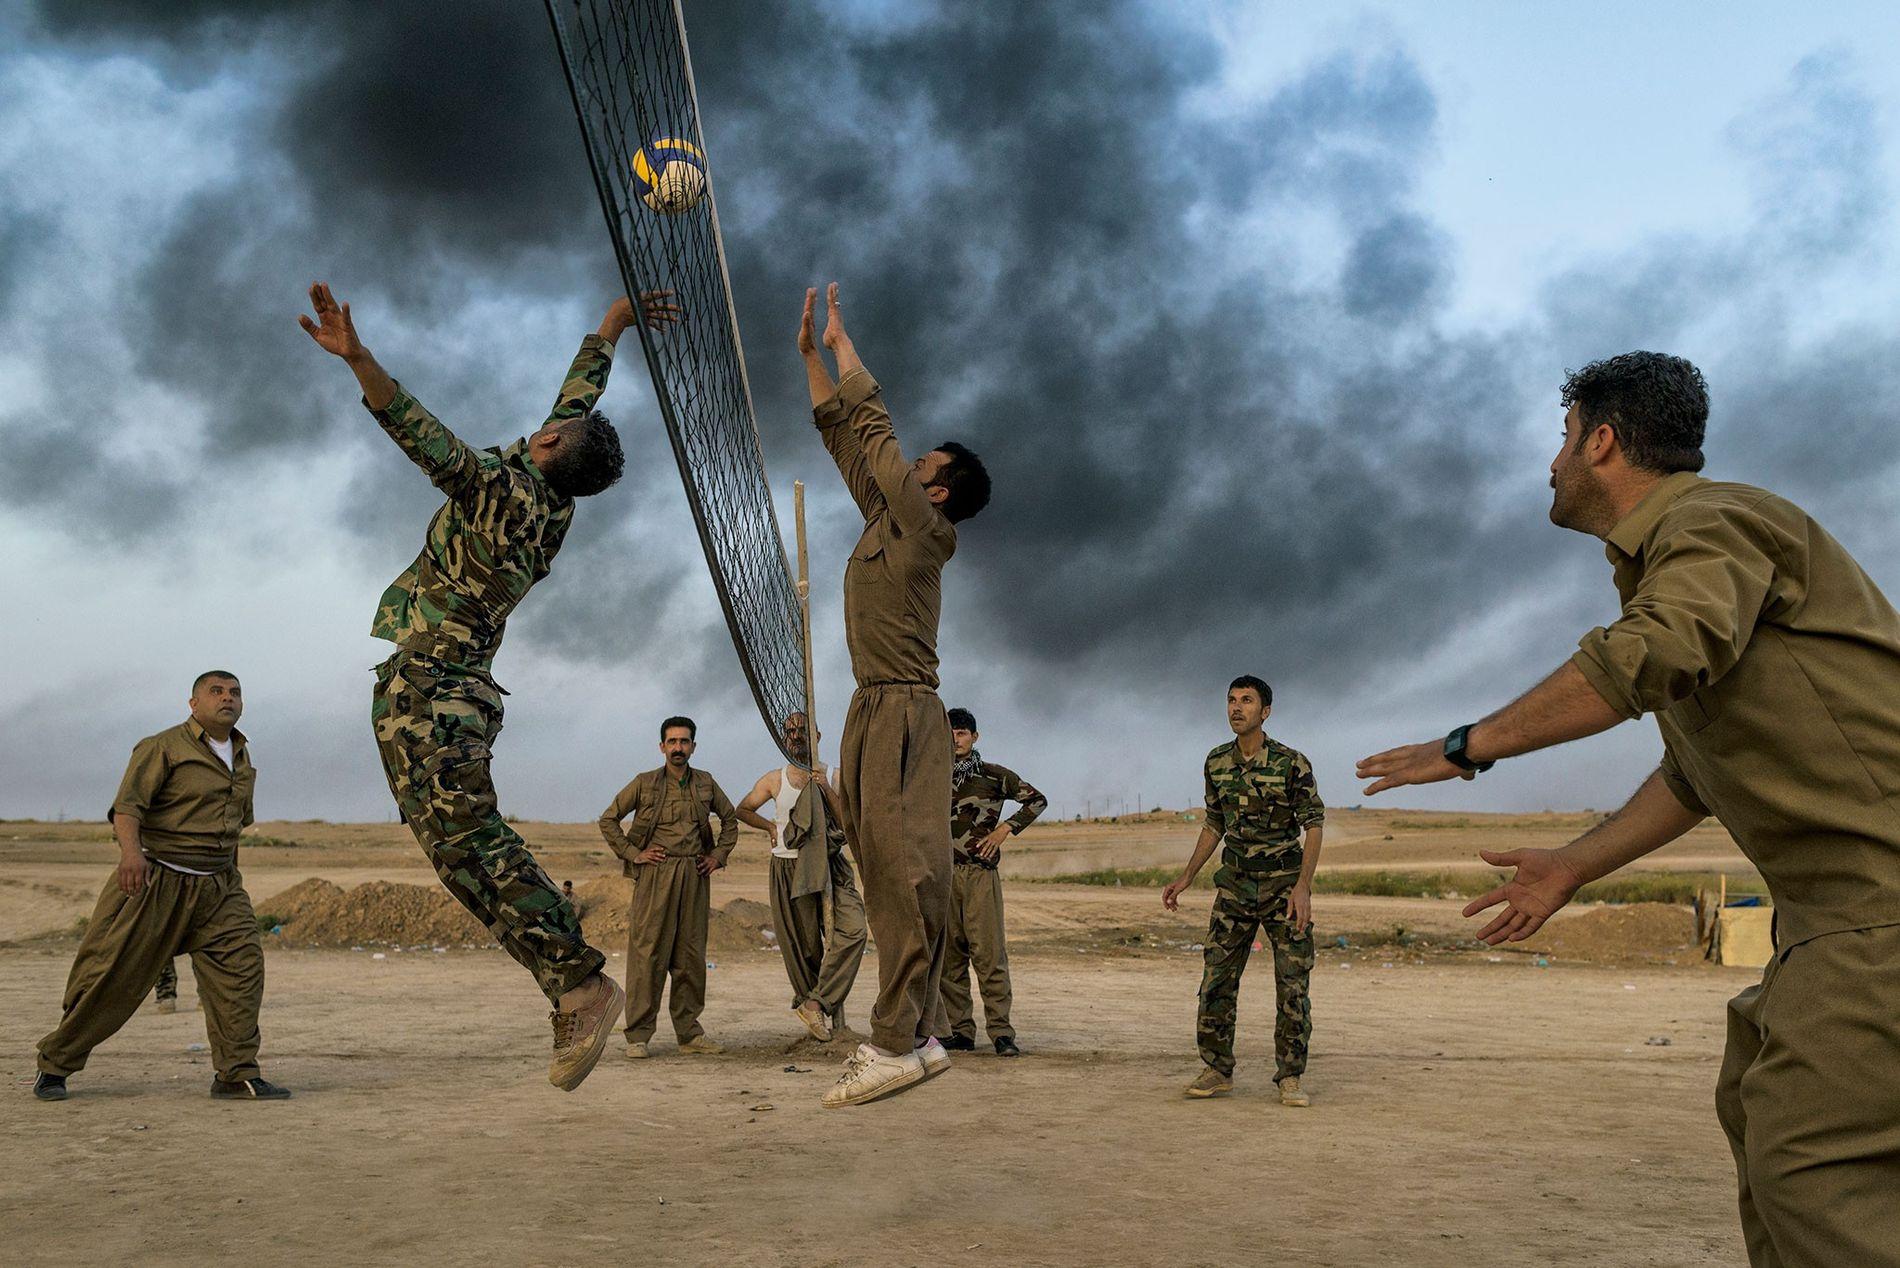 Kurdische Truppen (Peschmerga) spielen in der Nähe von Kirkuk Volleyball. Die kurdischen Streitkräfte kämpften gegen den ...